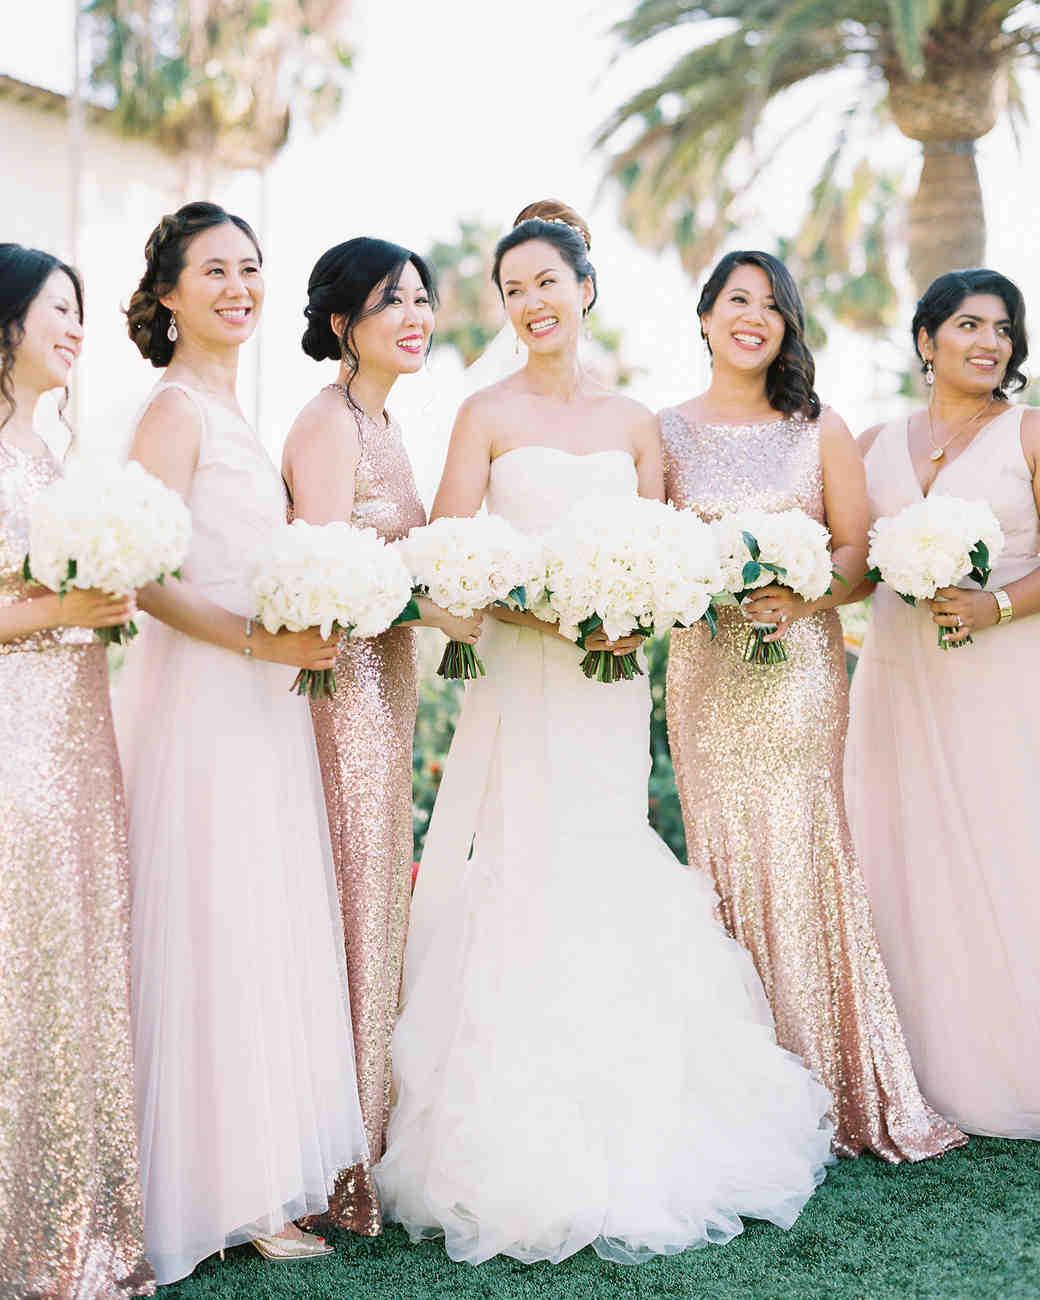 glamorous wedding ideas glam bridal party